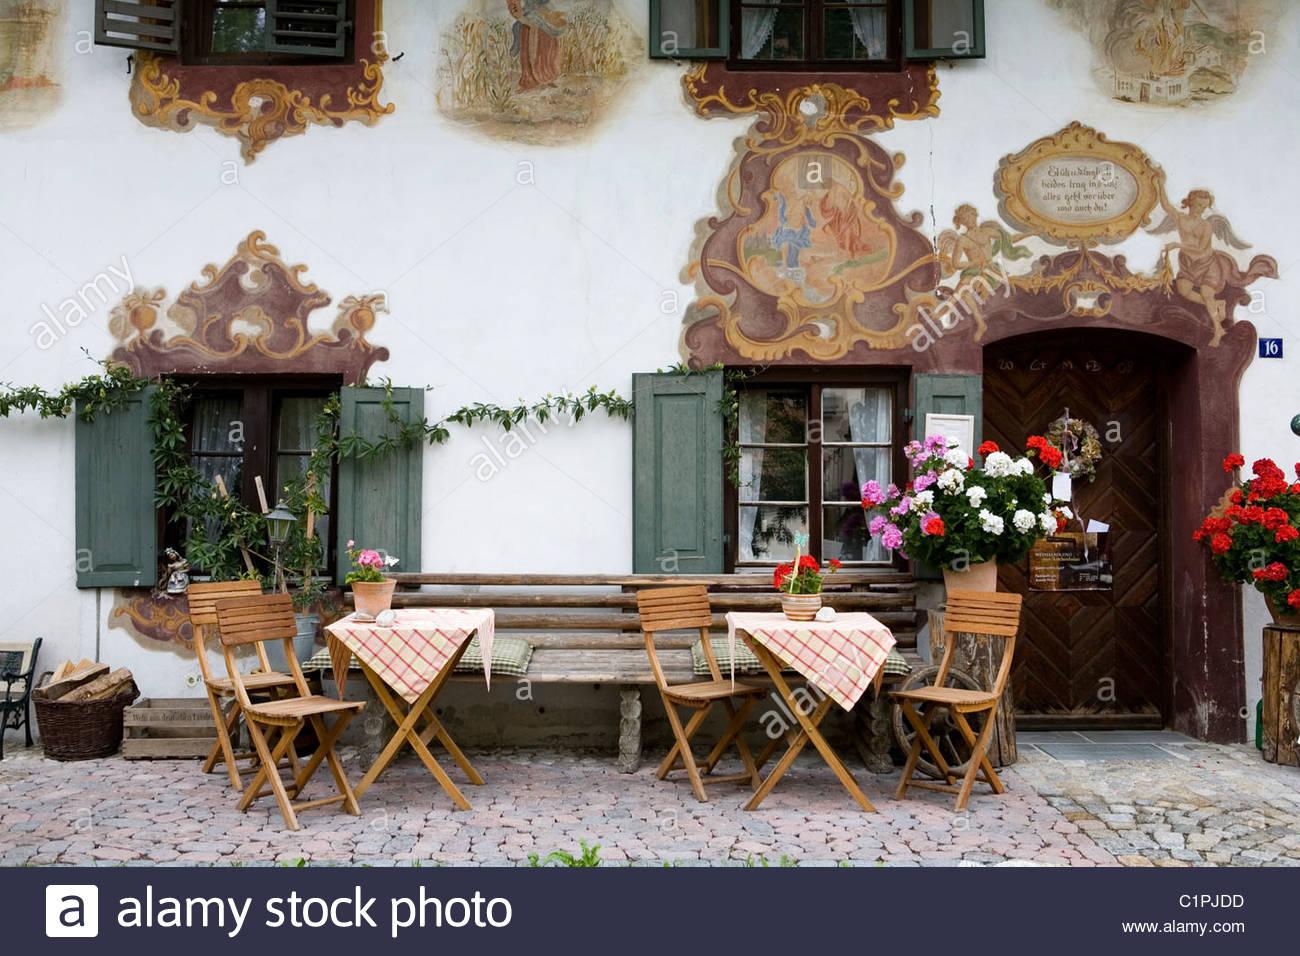 Alemania, Baviera, Oberammergau, mesa y sillas exterior restaurante Imagen De Stock